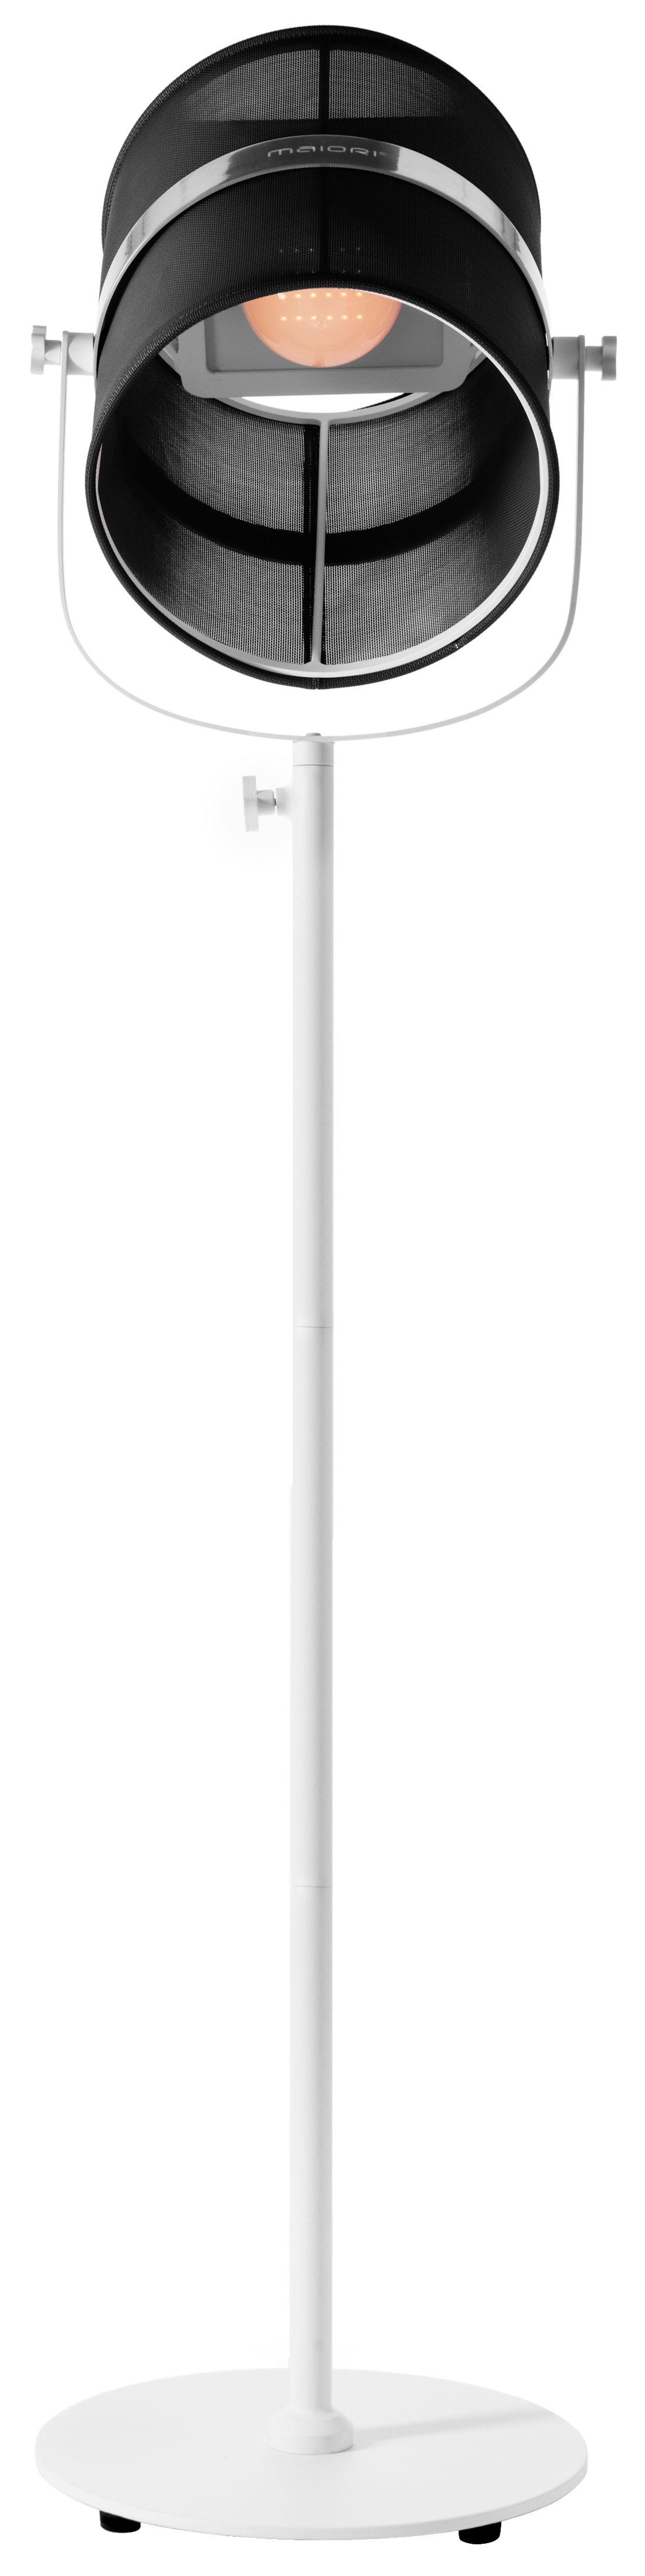 Luminaire - Lampadaires - Lampadaire solaire La Lampe Paris LED / Sans fil - Dock USB - Maiori - Noir / Pied blanc - Aluminium peint, Tissu